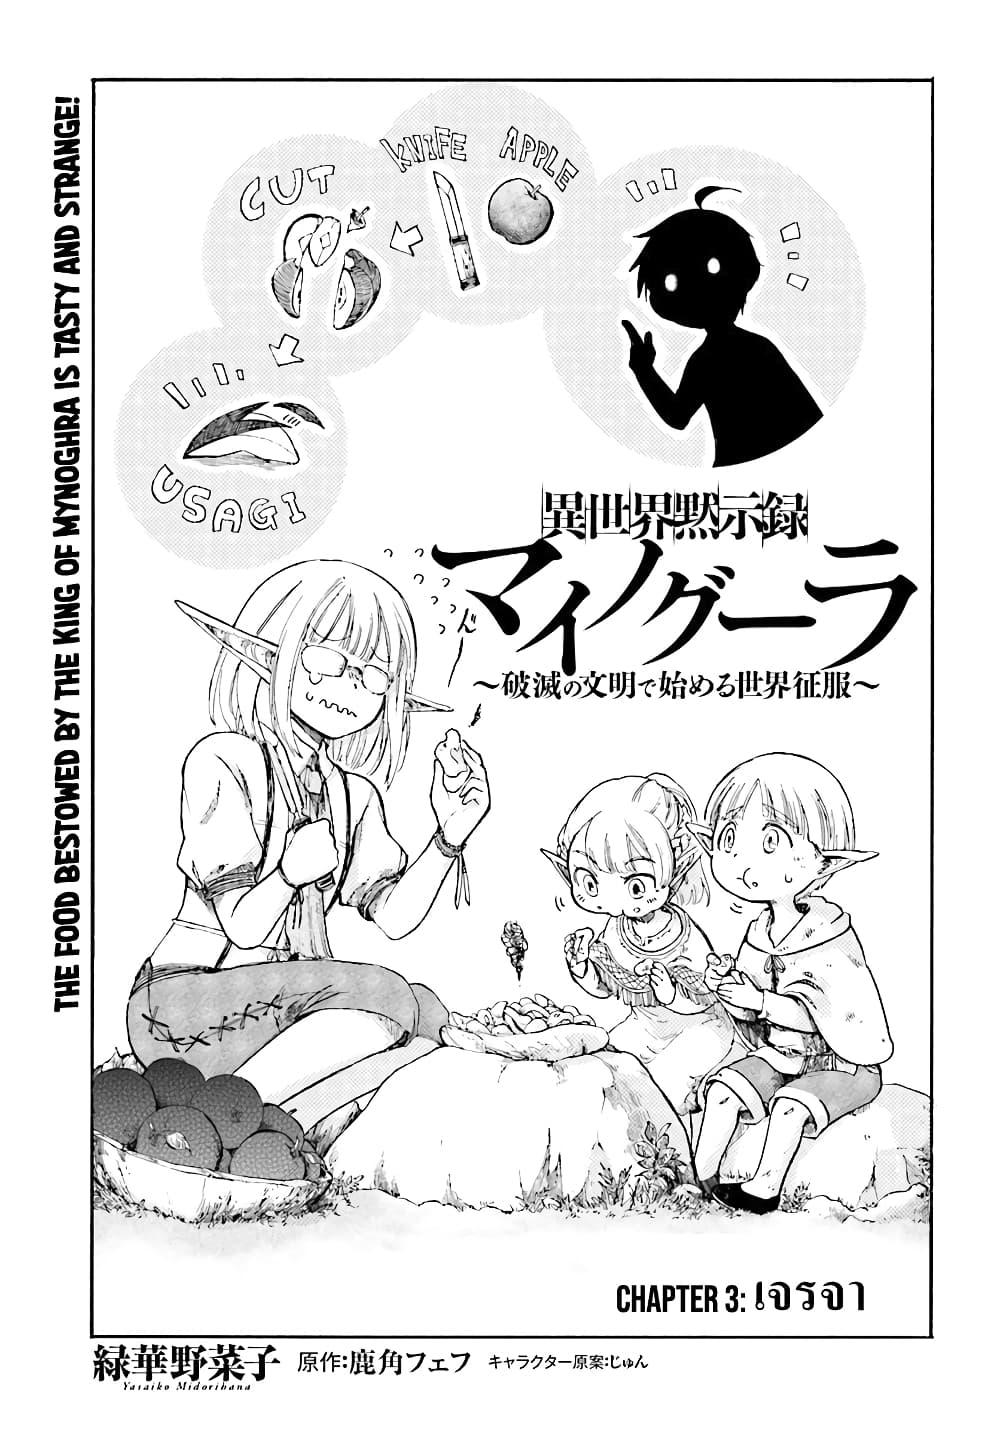 อ่านการ์ตูน Isekai Apocalypse MYNOGHRA ~The Conquest of the World Starts With the Civilization of Ruin~ ตอนที่ 3 หน้าที่ 1